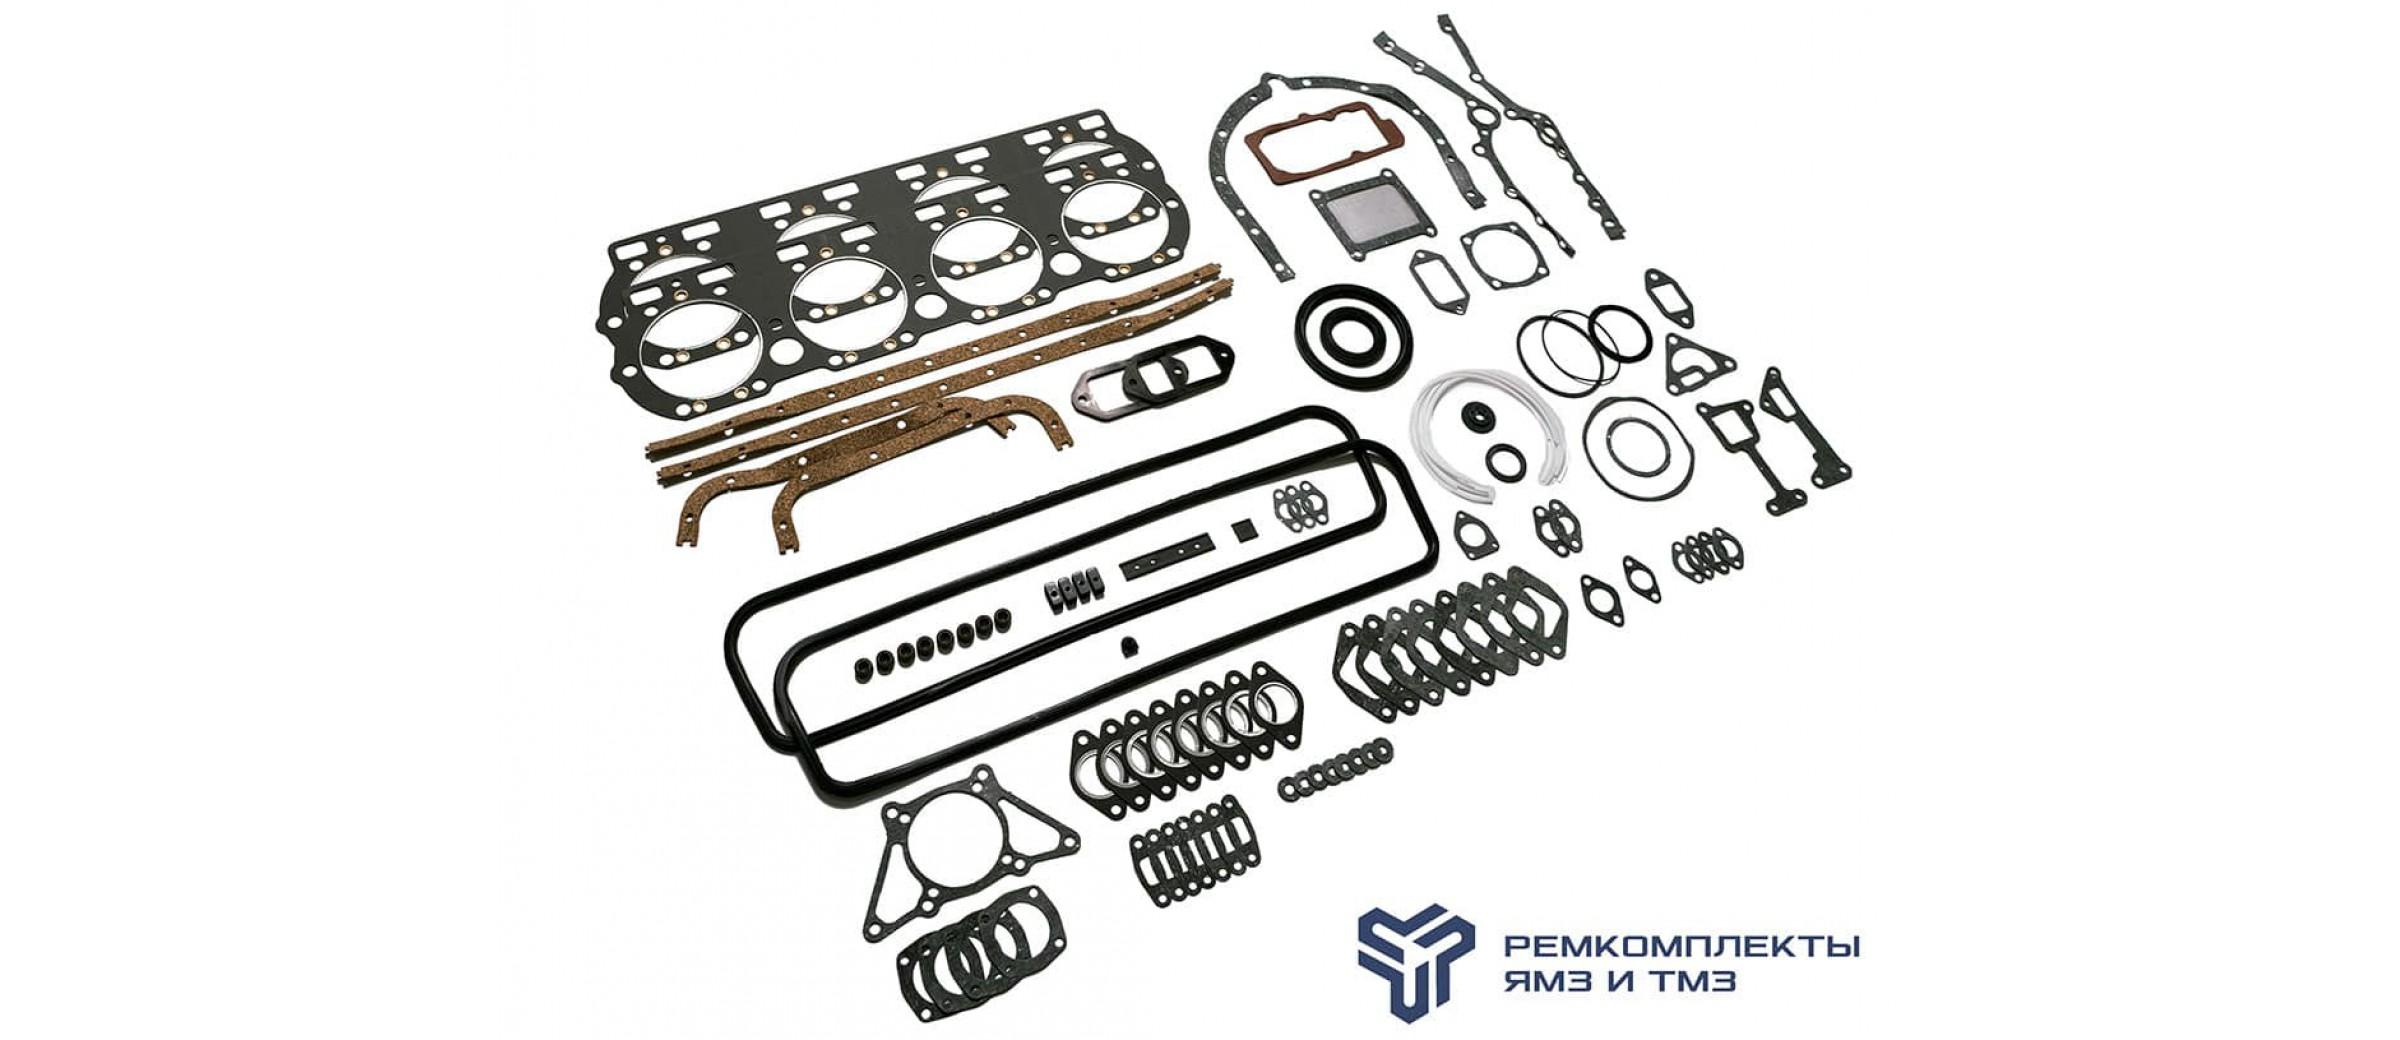 Ремкомплект для ремонта двигателей ЯМЗ-238 М2